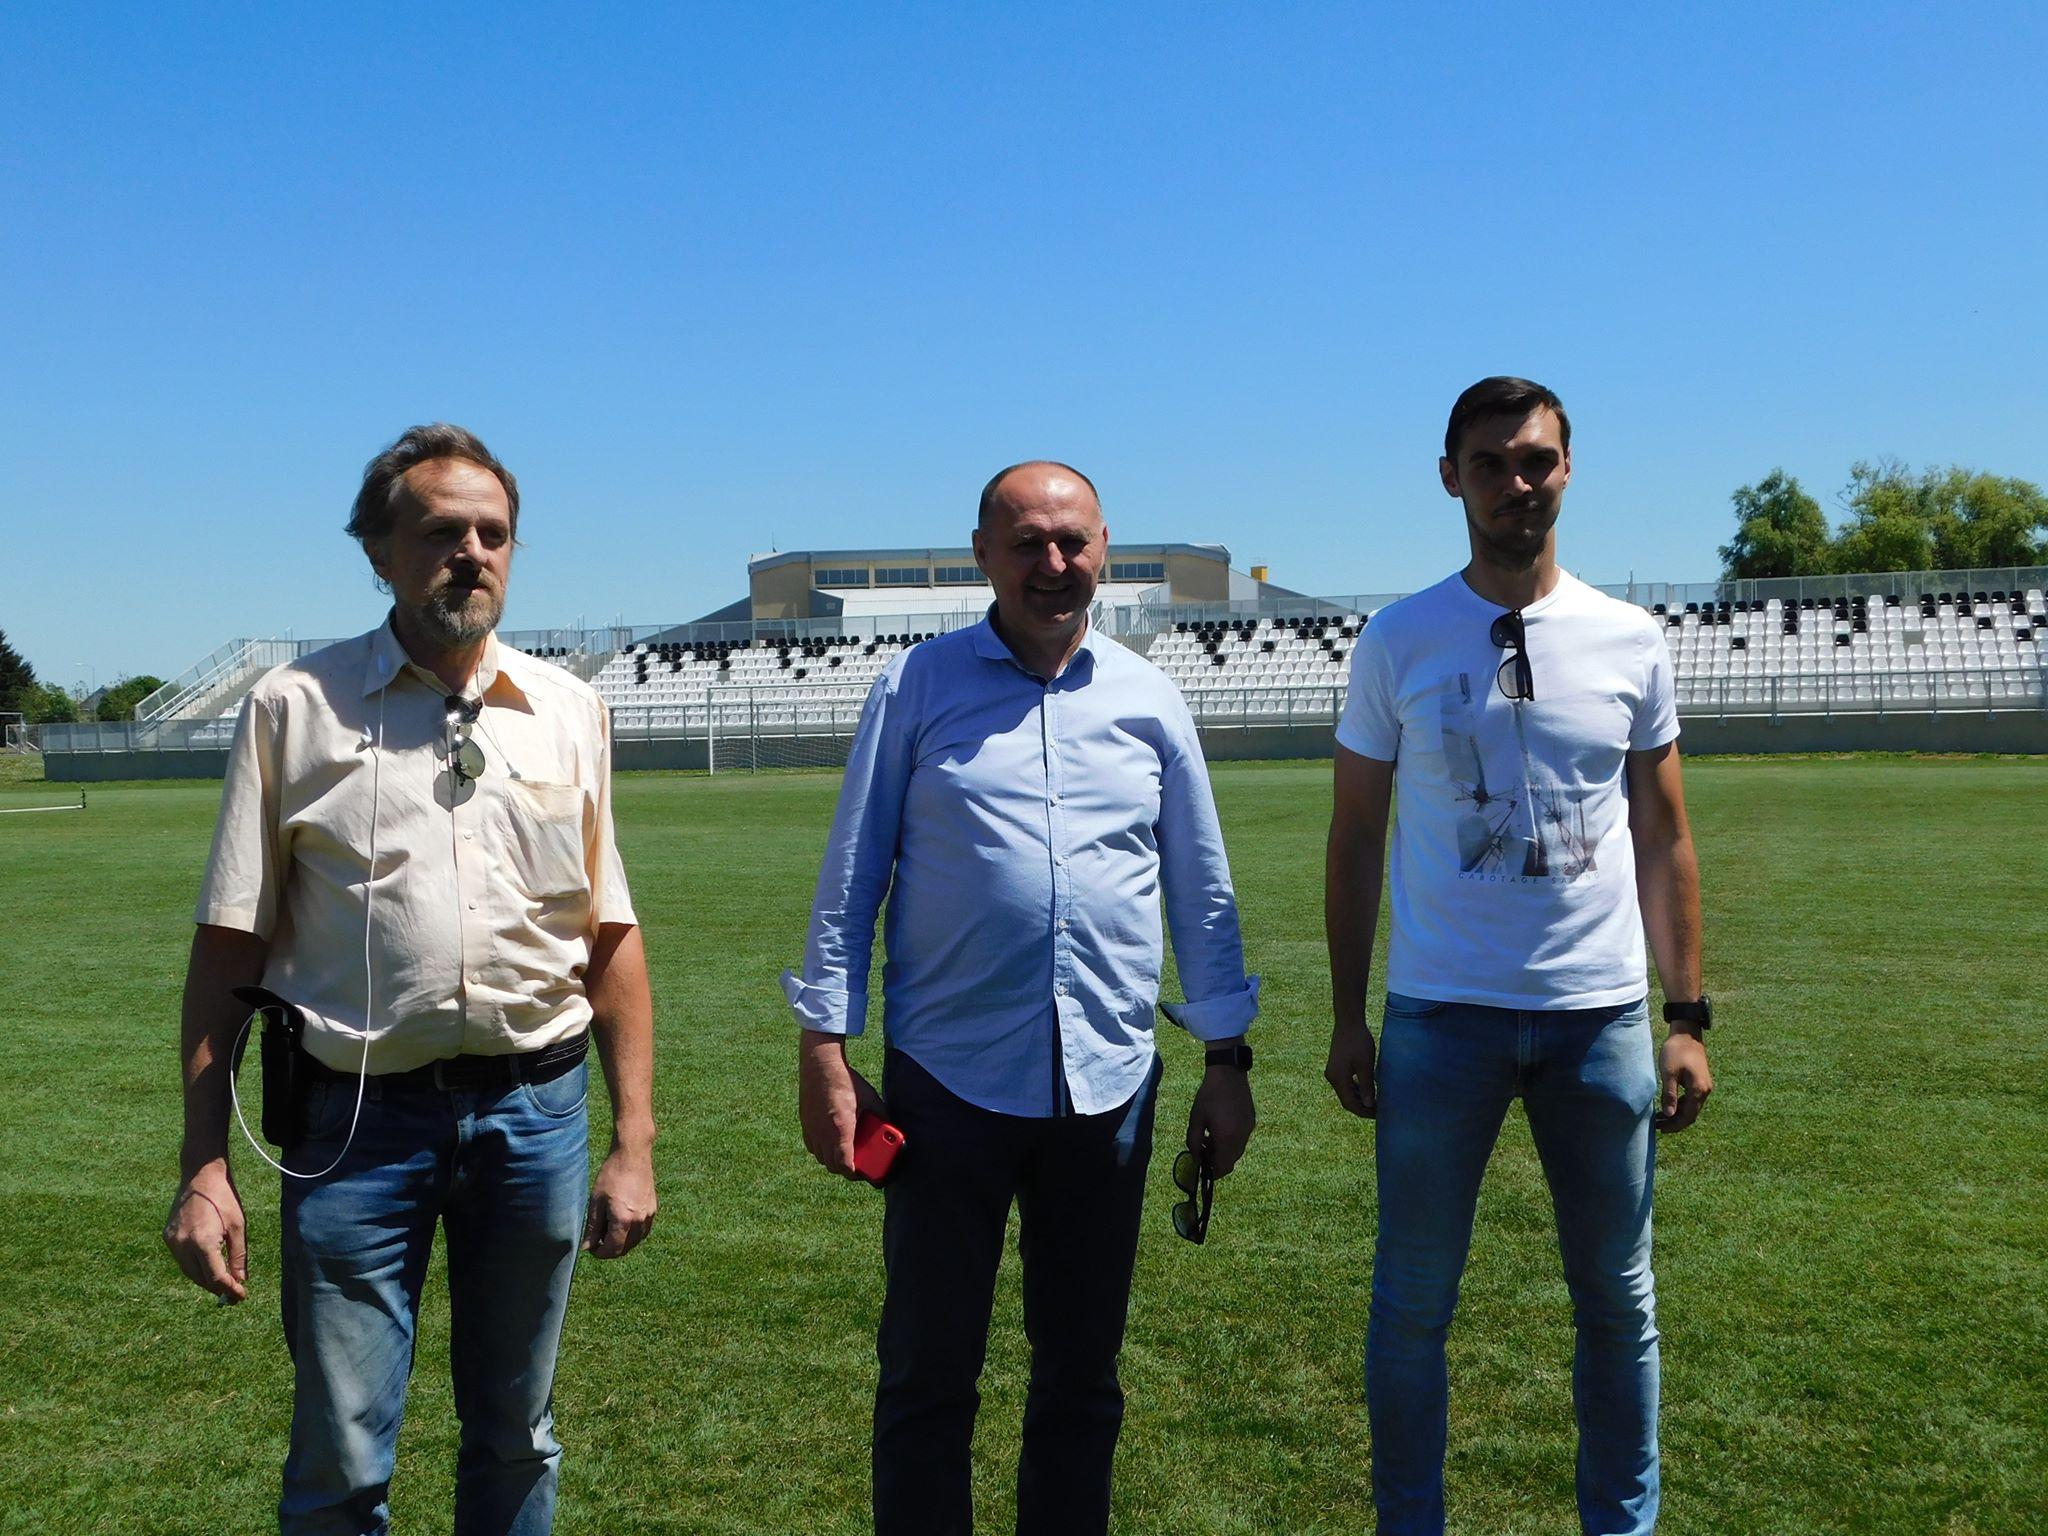 Na Stadionu uz Savu sve je spremno za utakmicu desetljeća, ulaznice u prodaji od sutra